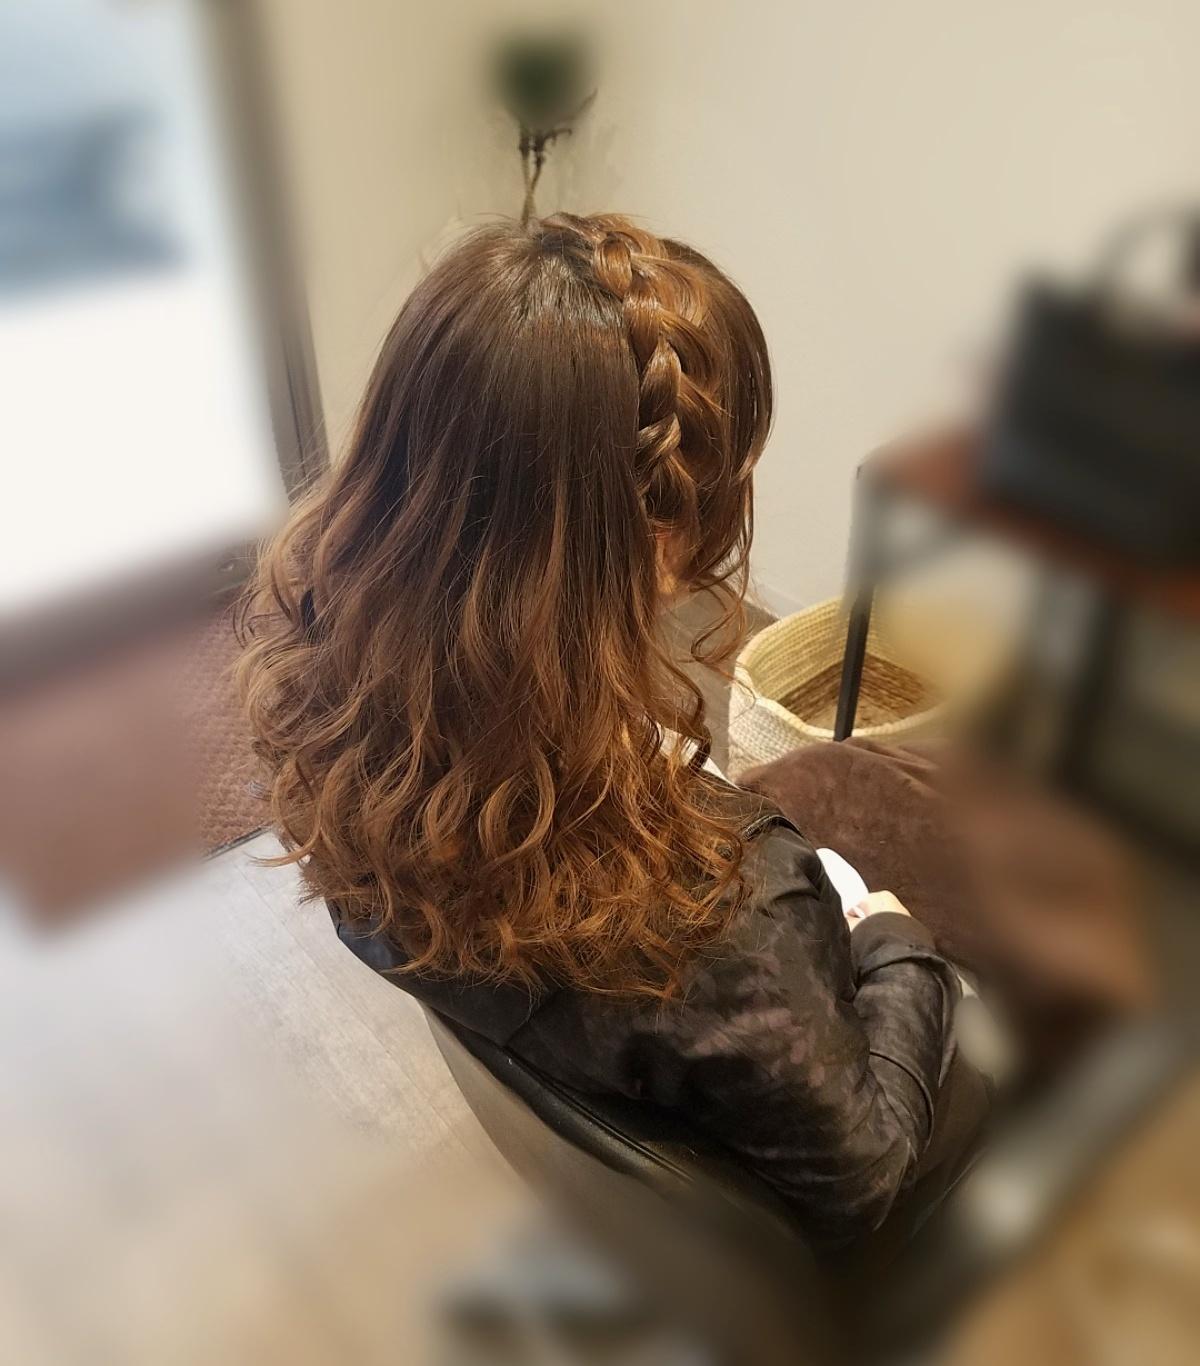 平原さんのヘアスタイル 『編み込みカチューシャご希望でし